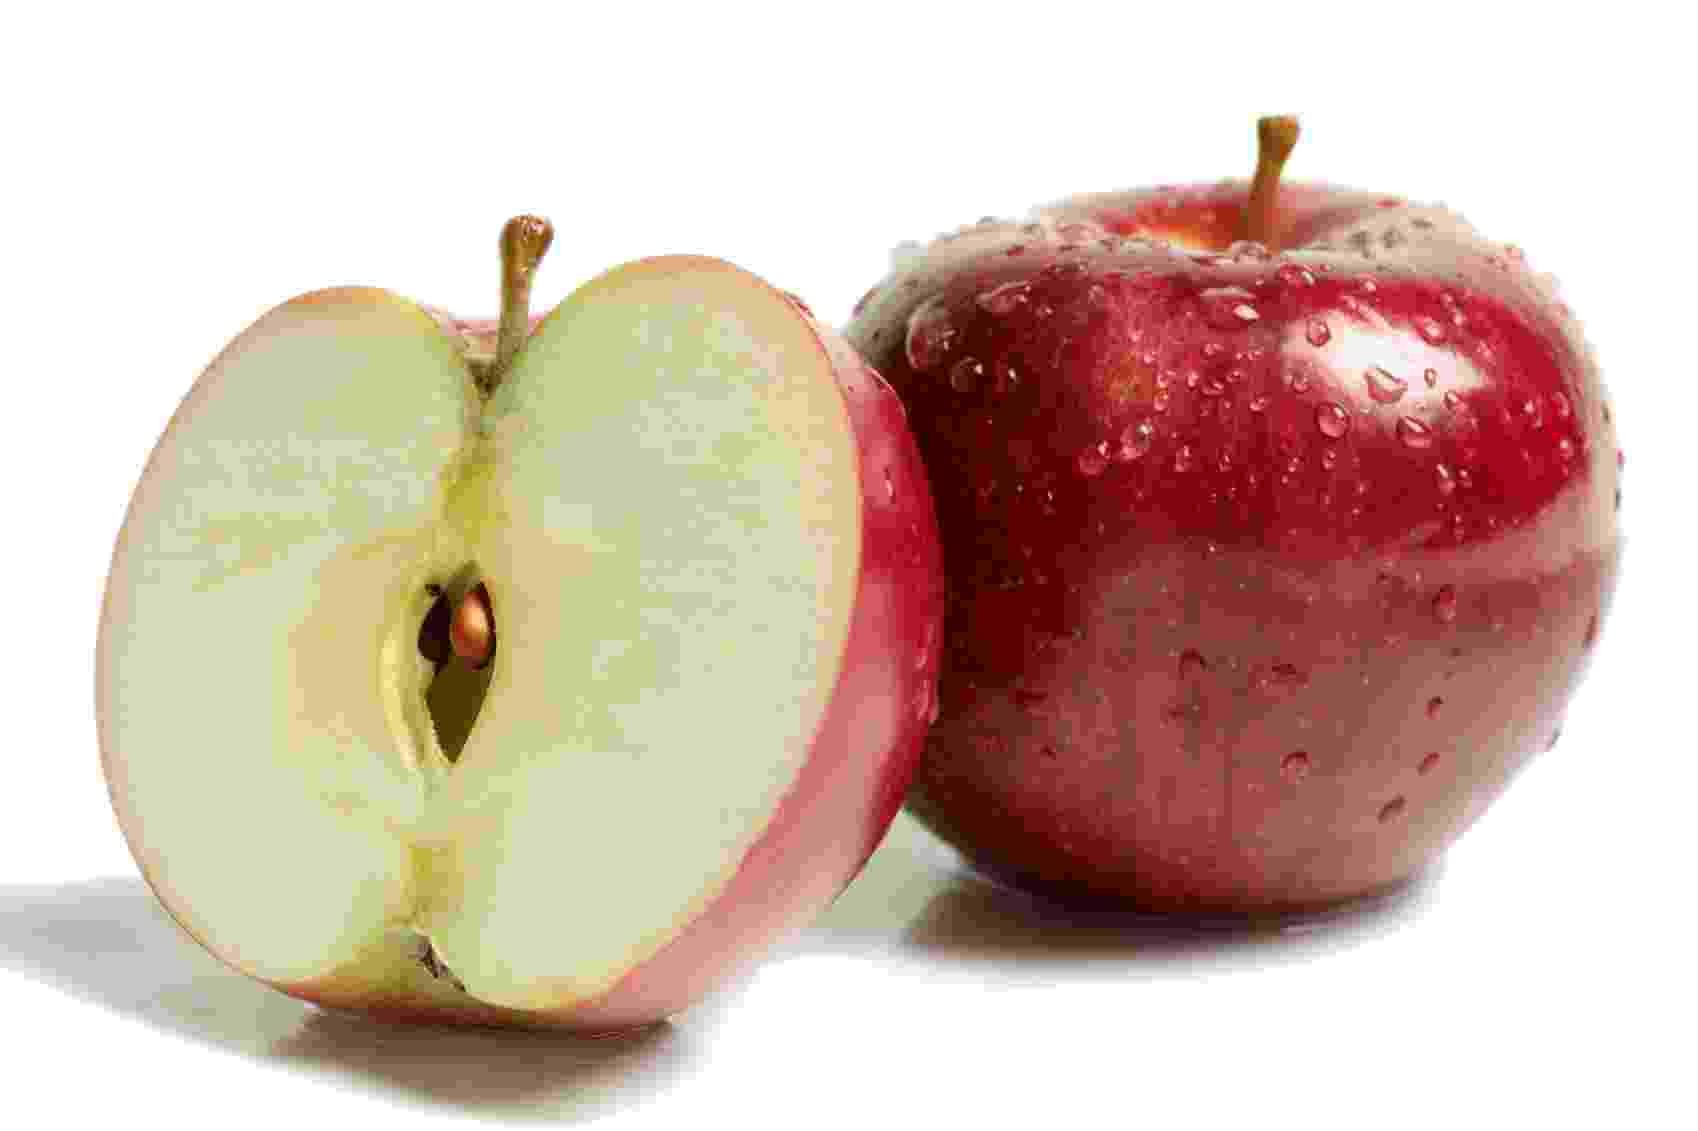 Existem milhares de cultivares de macieiras distribuídas pelo mundo, mas algumas dezenas são cultivadas extensivamente. As mais importantes pertencem aos grupos ?Golden Delicious?, ?Gala?, ?Fuji? e ?Red Delicious?, responsáveis por aproximadamente 70% da produção mundial: - Getty Images